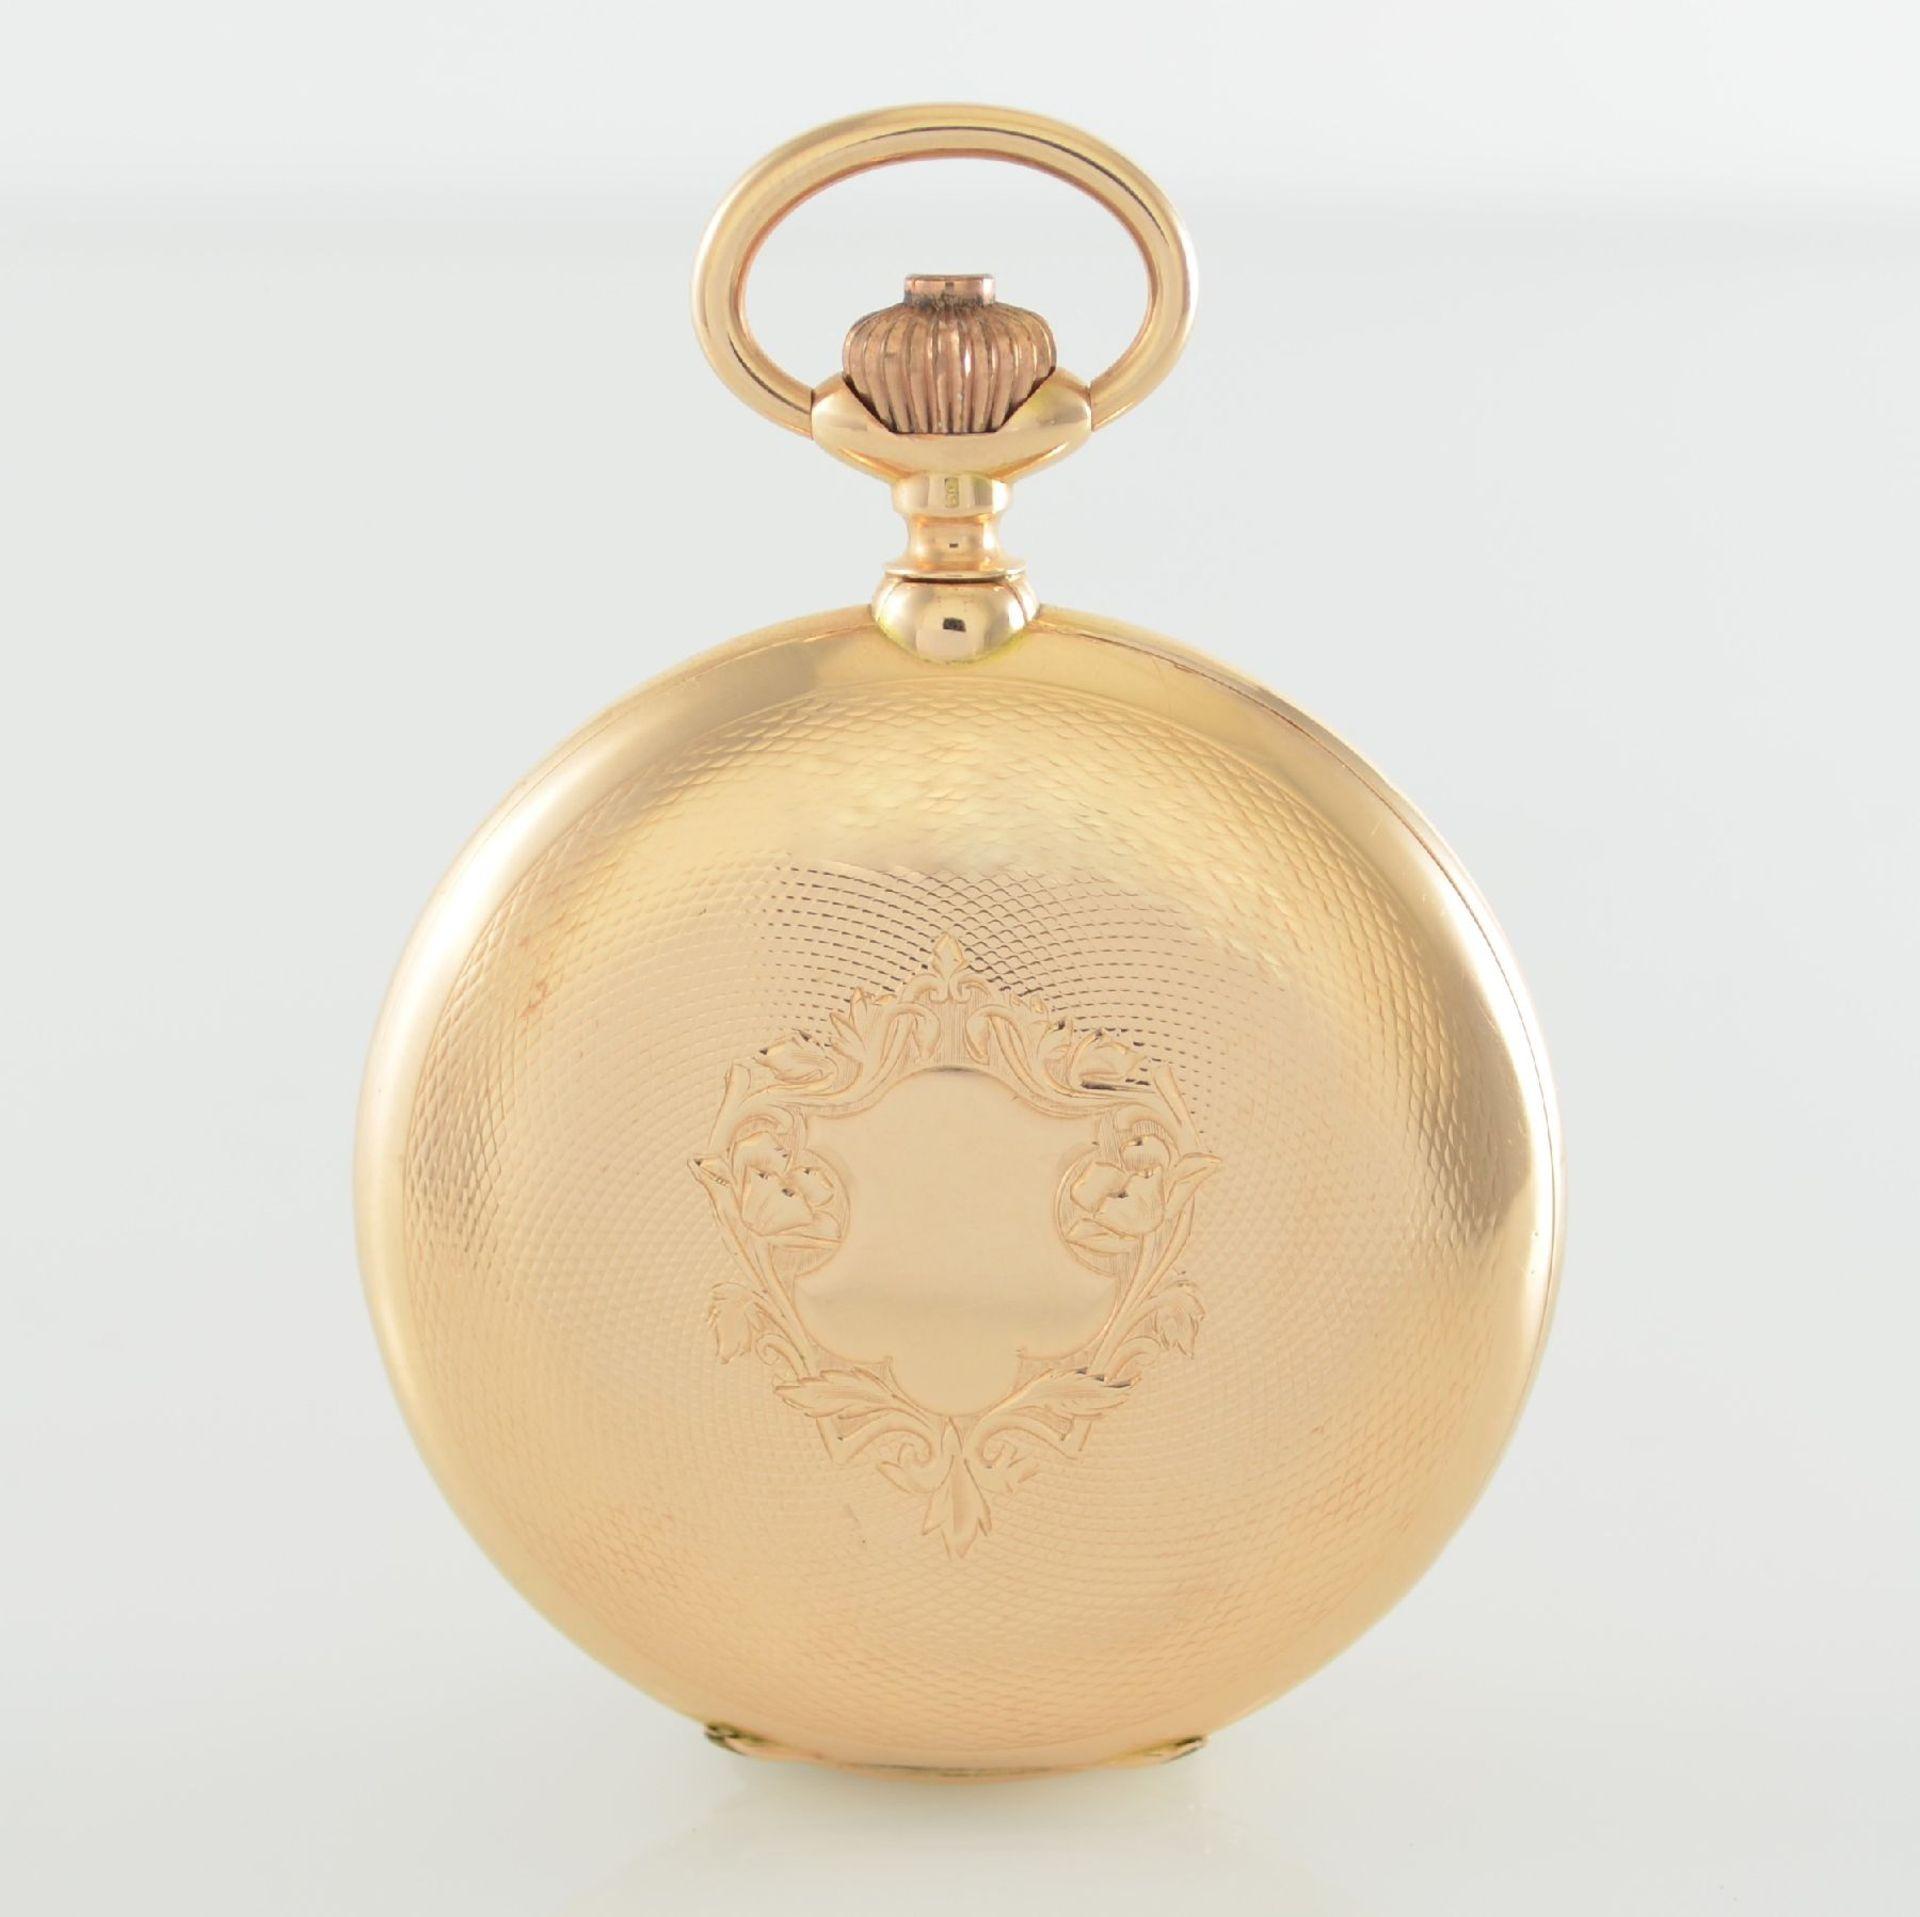 Herrensavonette in RG 585/000, Schweiz um 1900, guill. 3-Deckel Goldgeh. berieben/dell., à-goutte- - Bild 4 aus 7